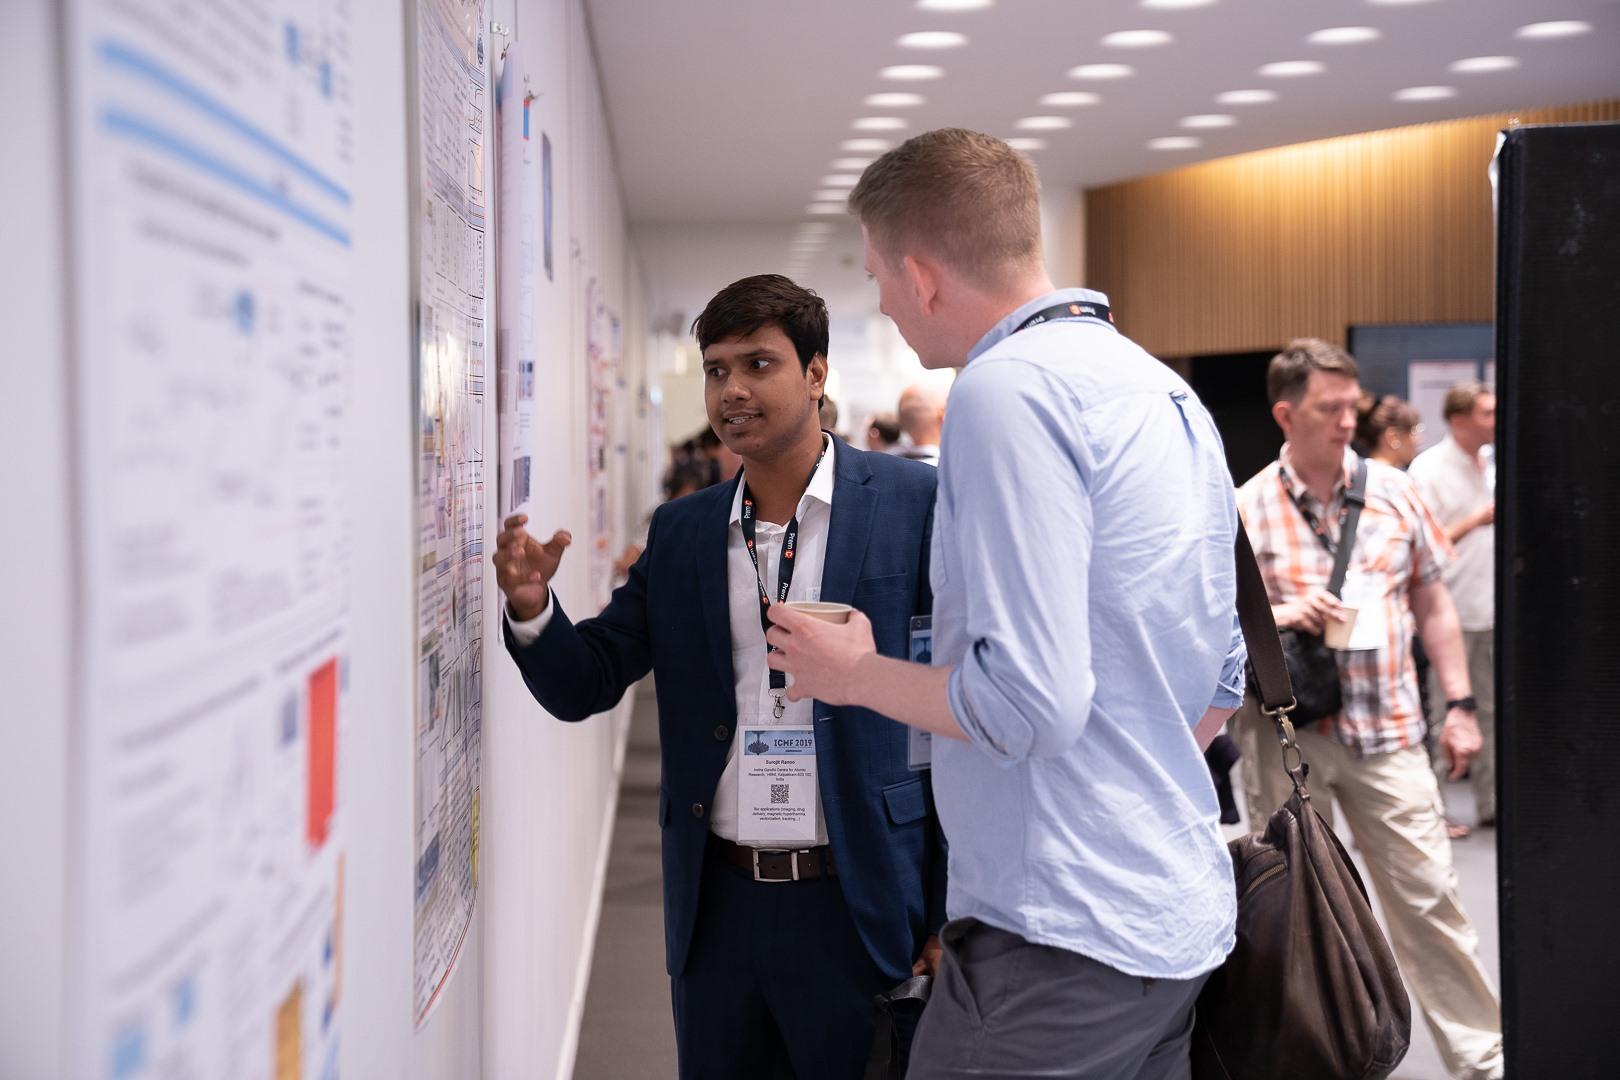 Présentateur et participant pendant une session poster